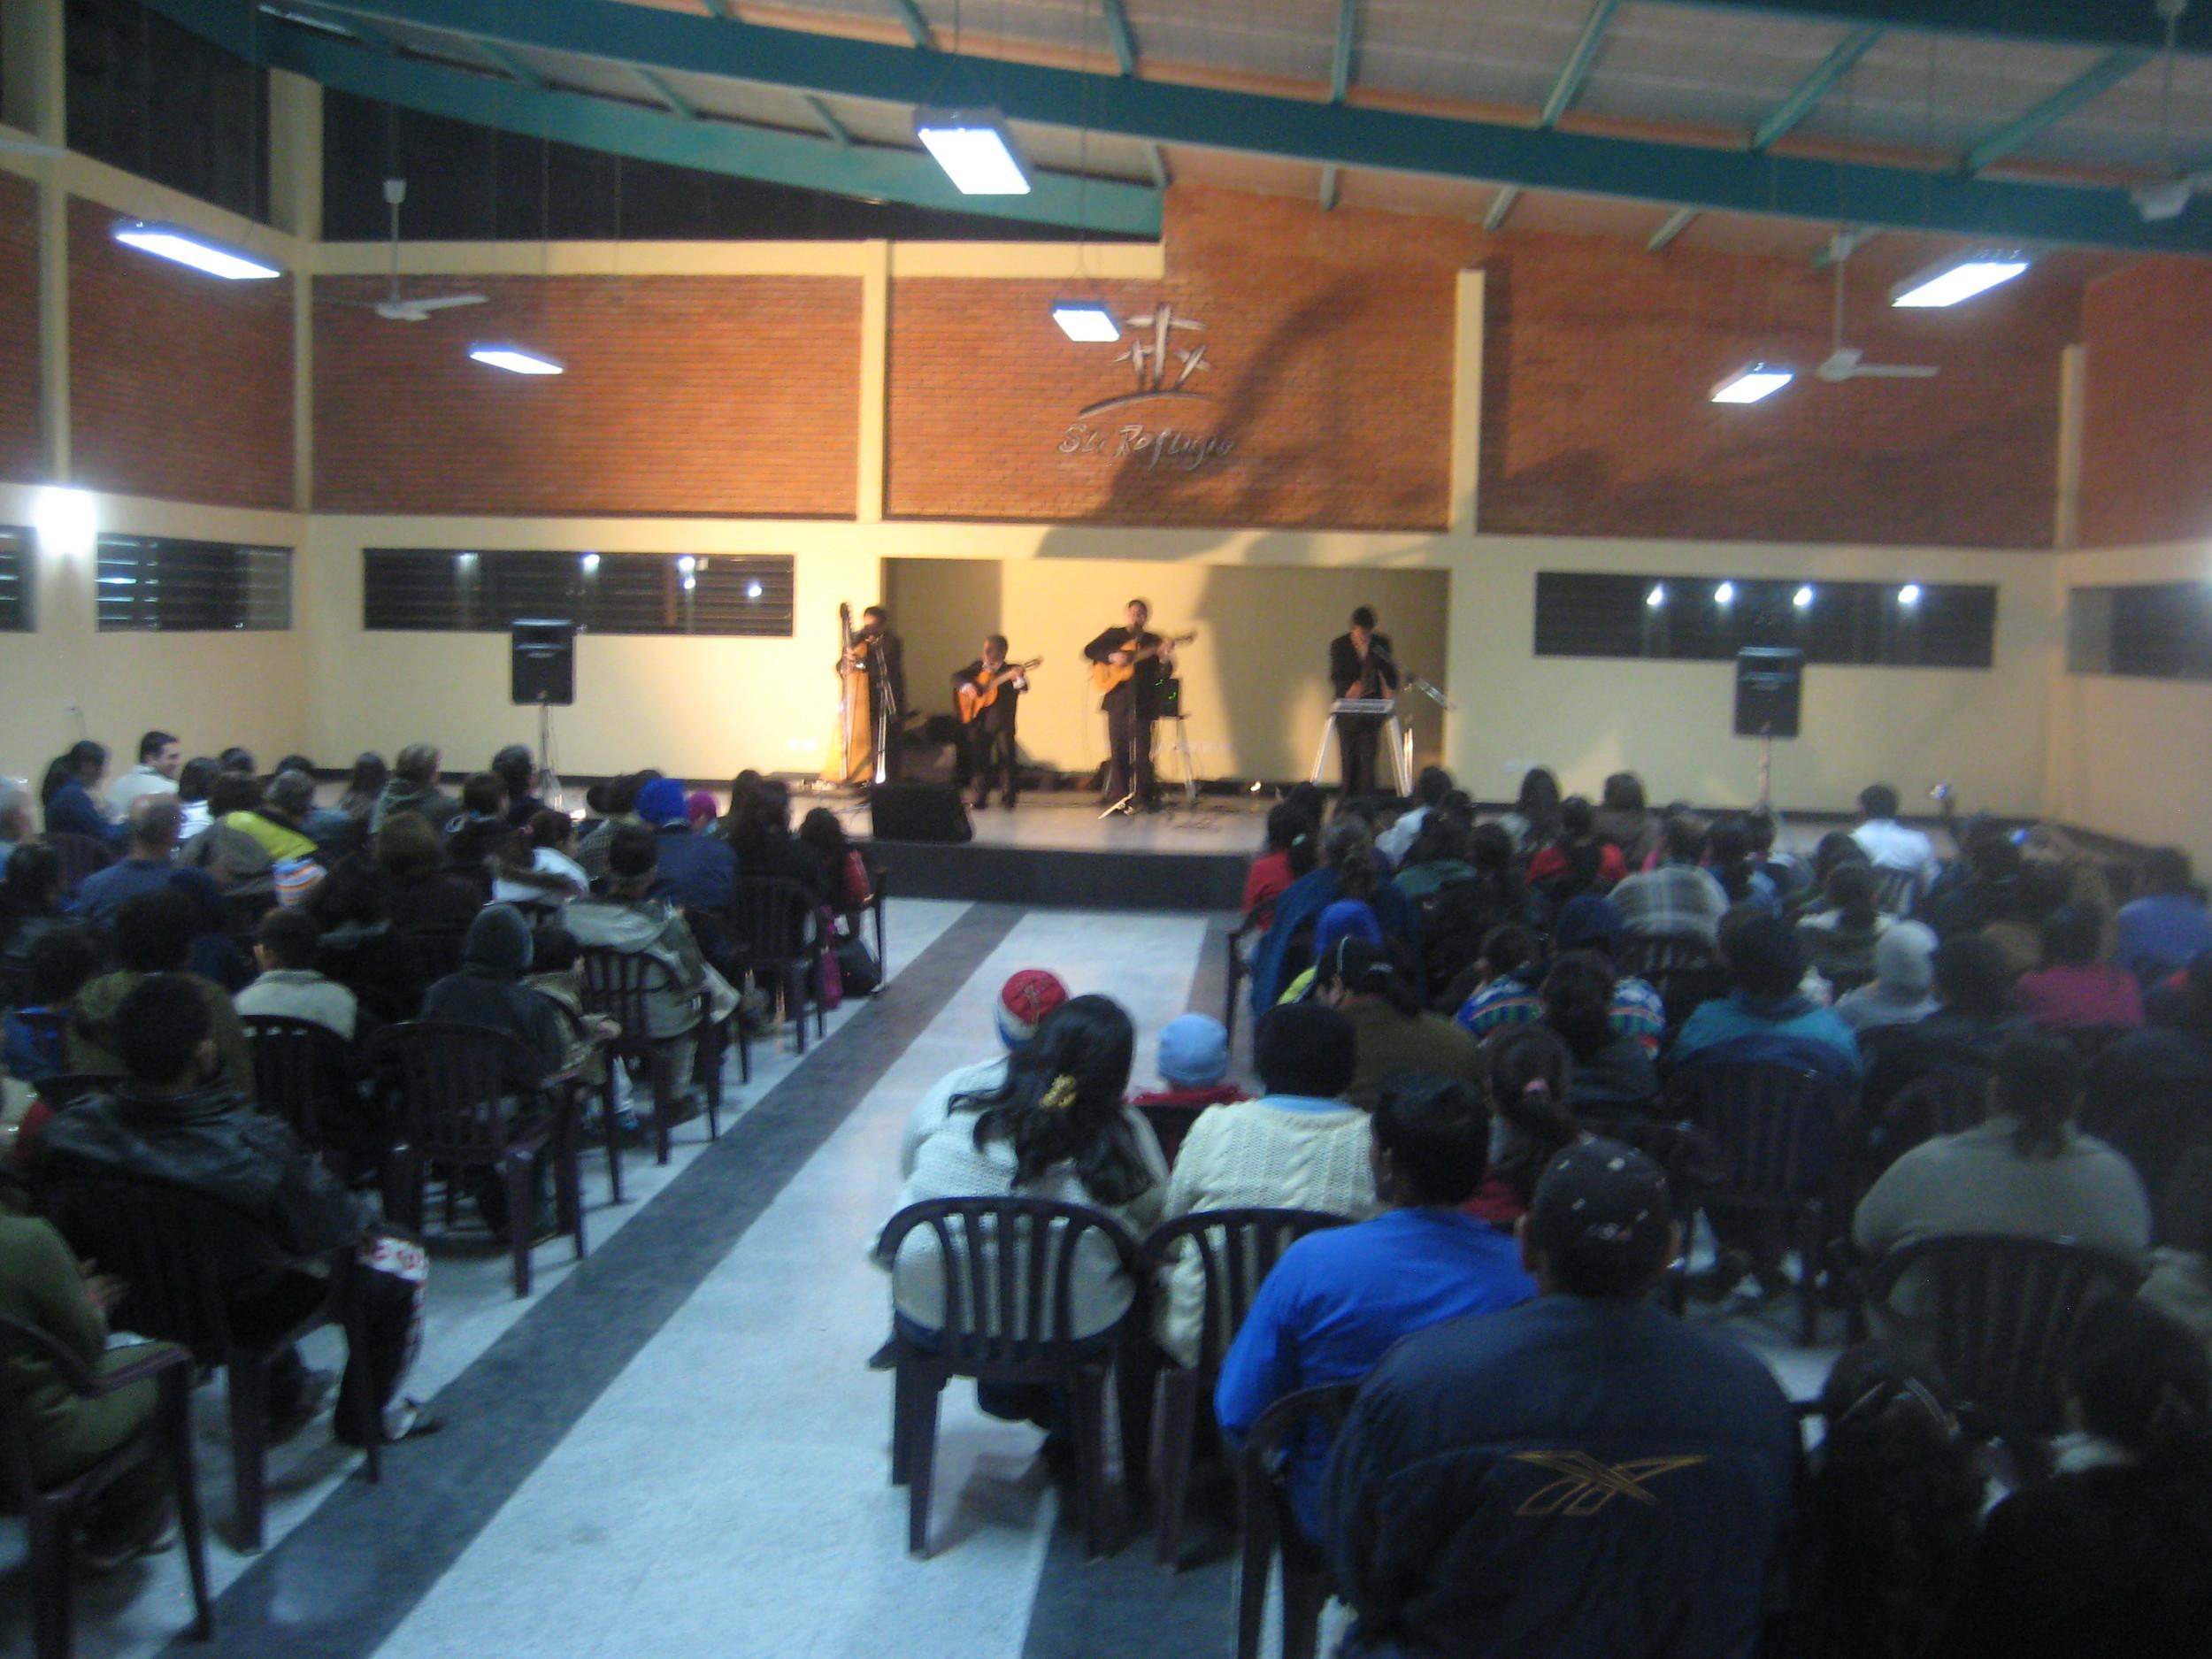 07 - Iglesia.JPG